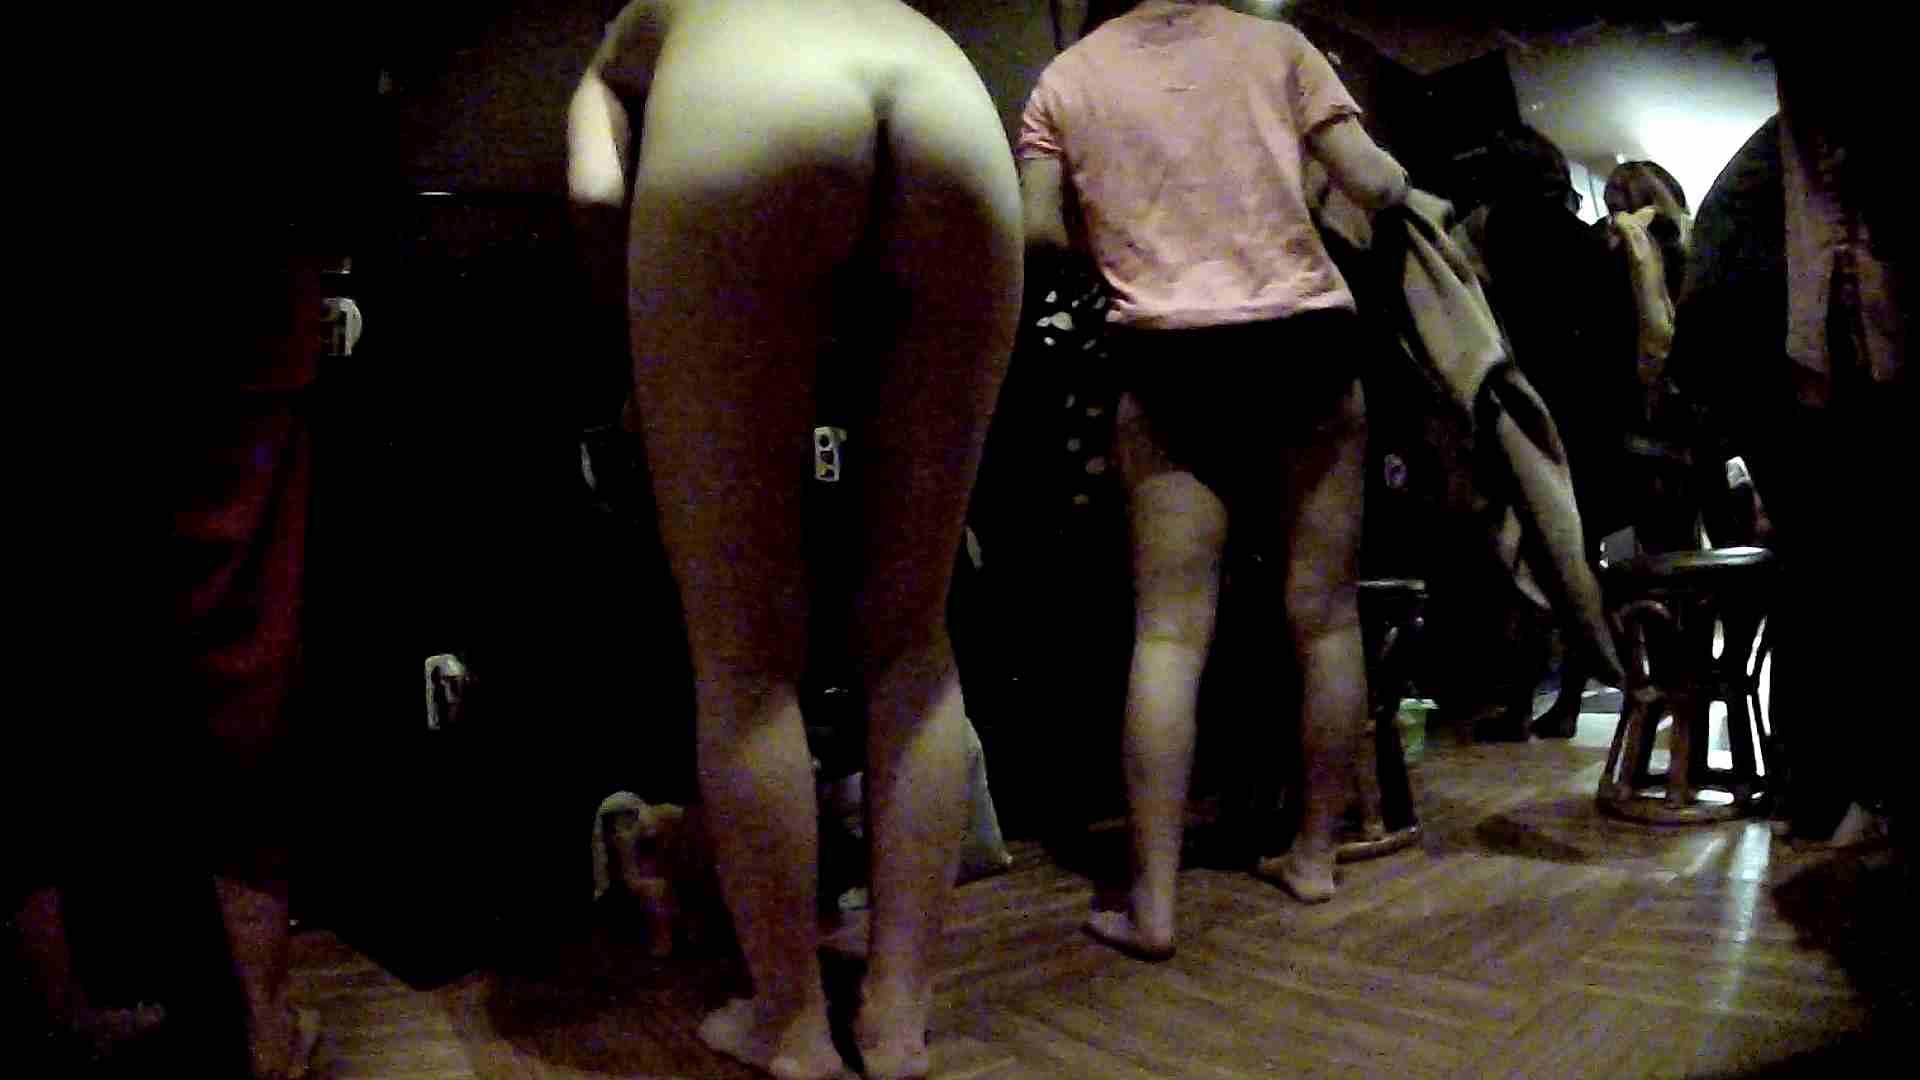 脱衣所!オムニバス 大混雑!注目はあの人の御御足でしょう。 銭湯  25pic 18